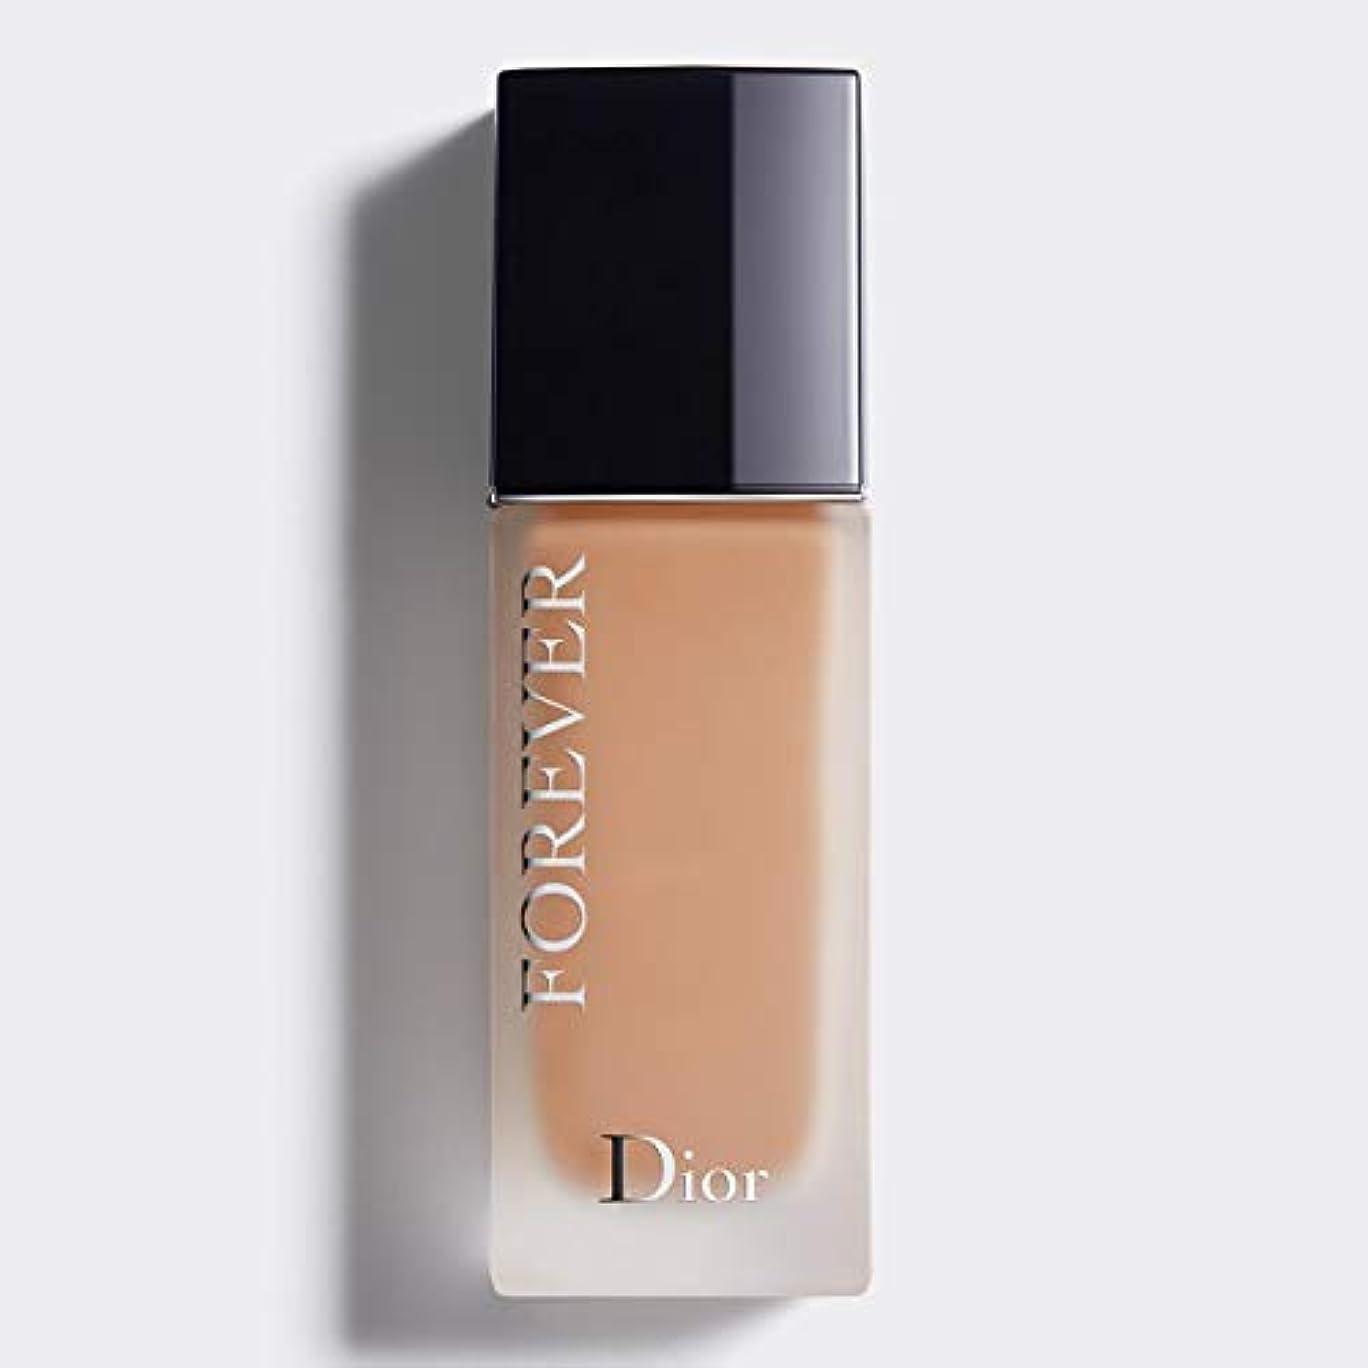 保守可能トラックペインクリスチャンディオール Dior Forever 24H Wear High Perfection Foundation SPF 35 - # 3WP (Warm Peach) 30ml/1oz並行輸入品